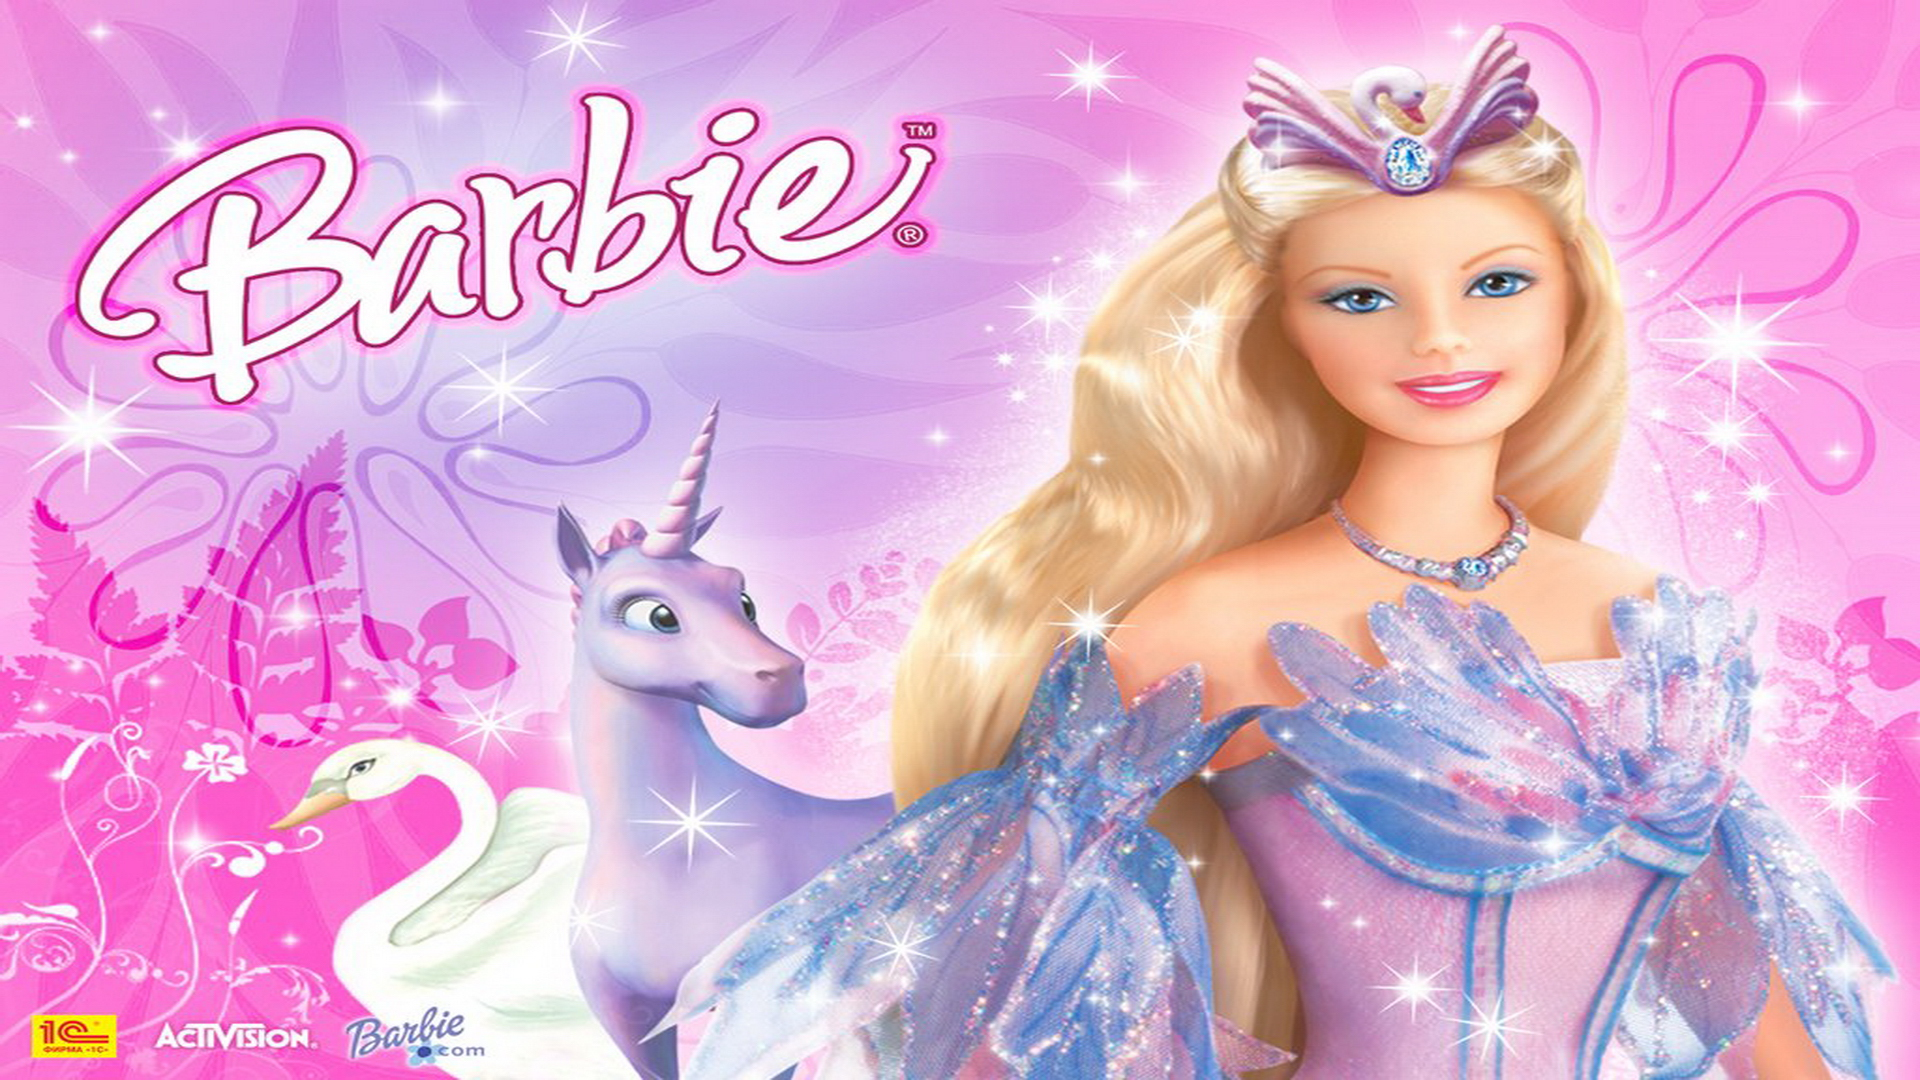 Barbie Screensavers Wallpapers - WallpaperSafari